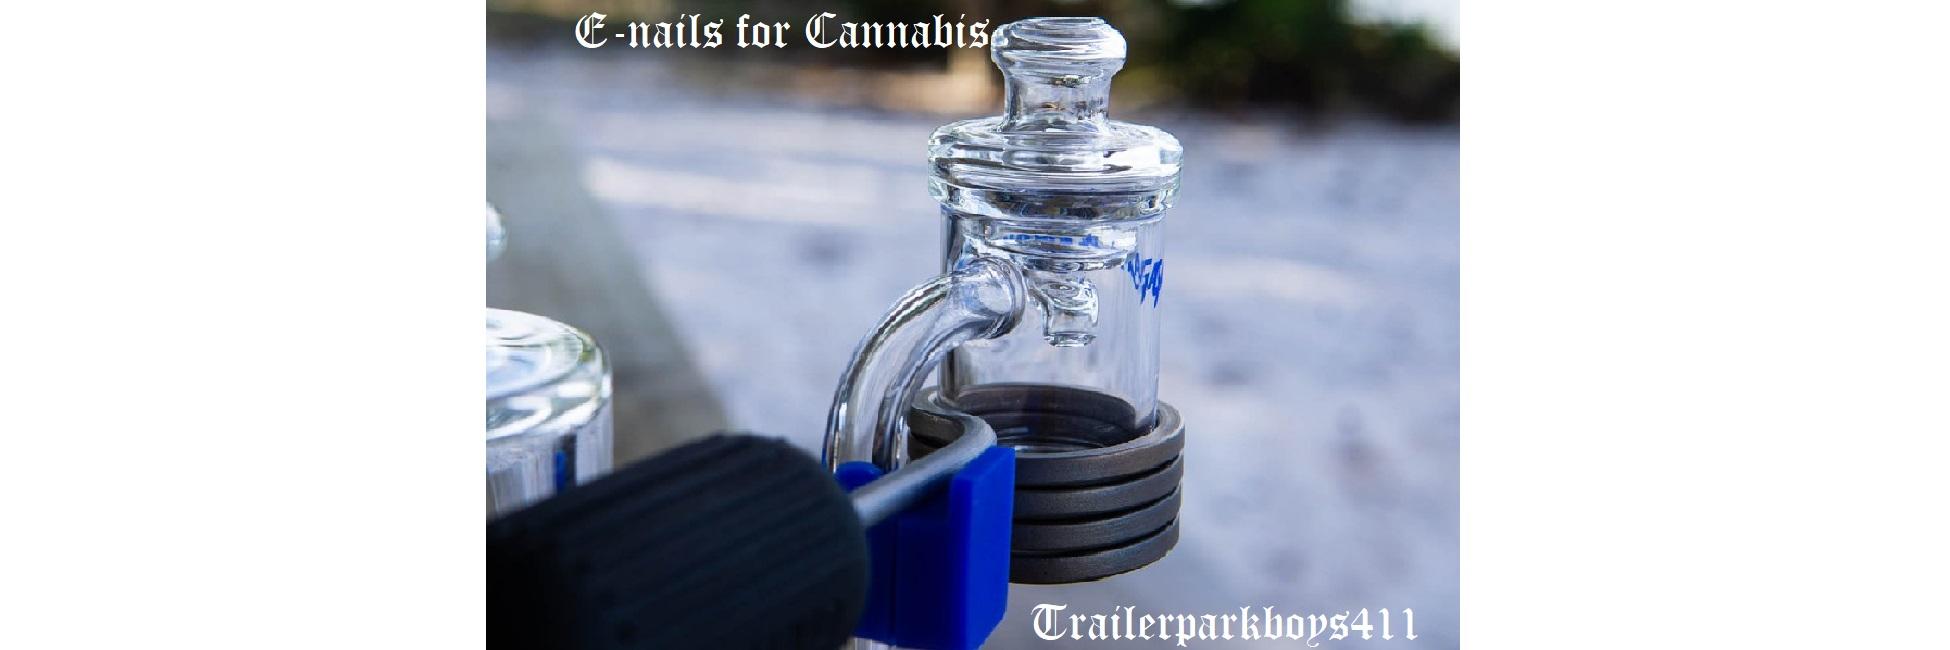 E-nails for Cannabis